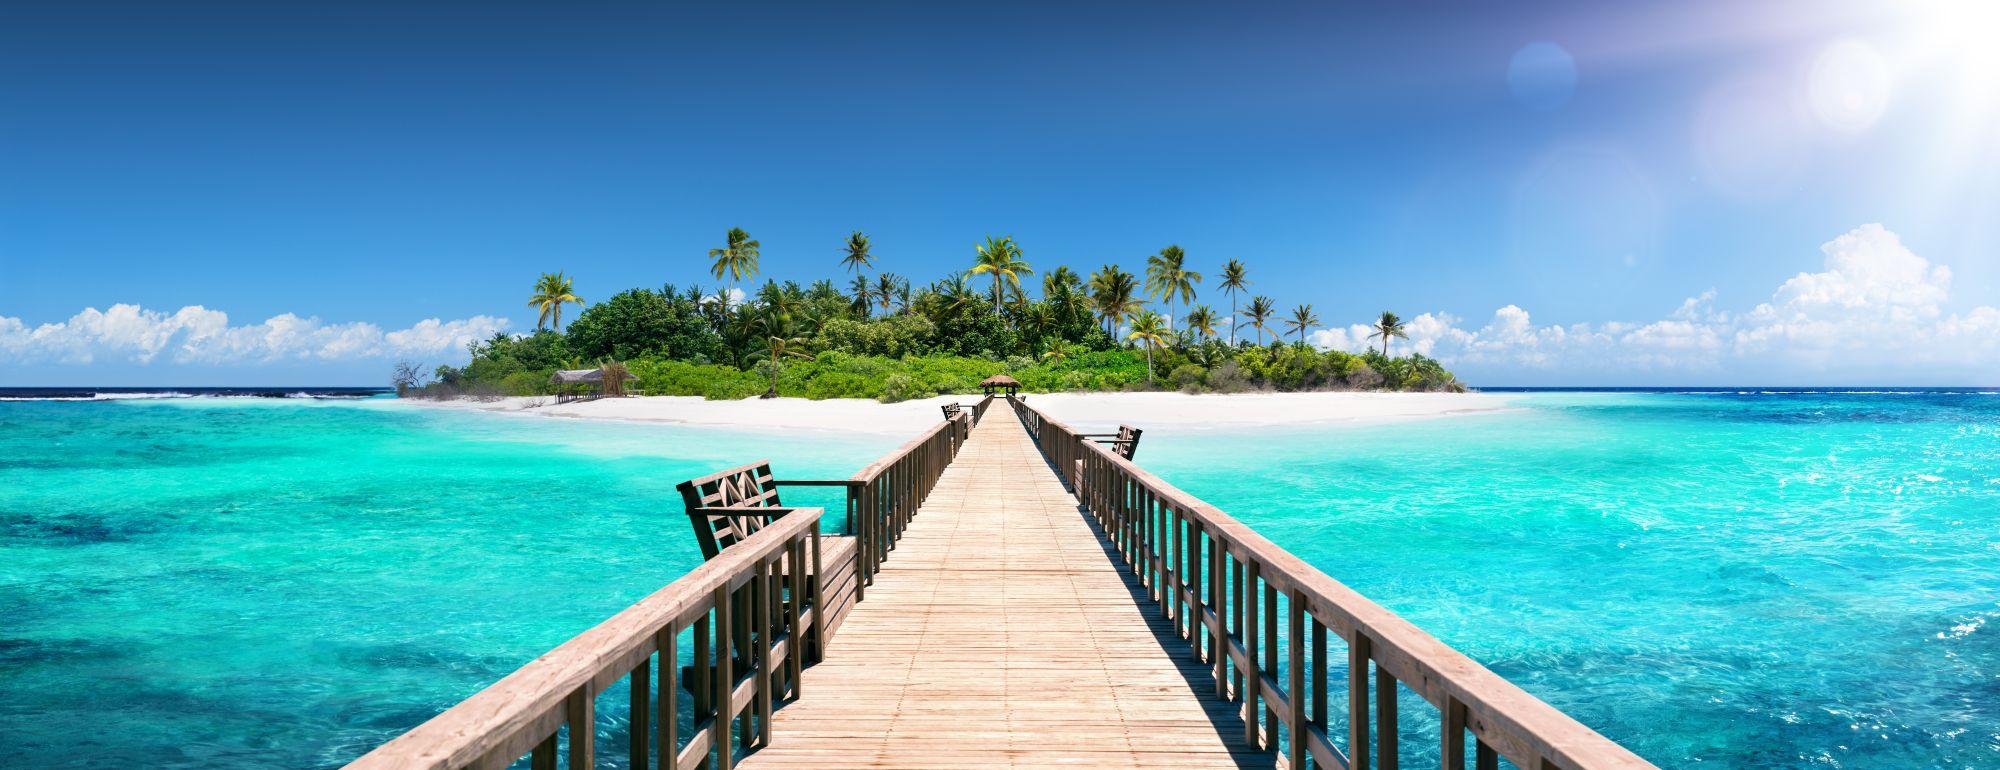 Blog artikel 'Zijn de Malediven echt zo paradijselijk?'